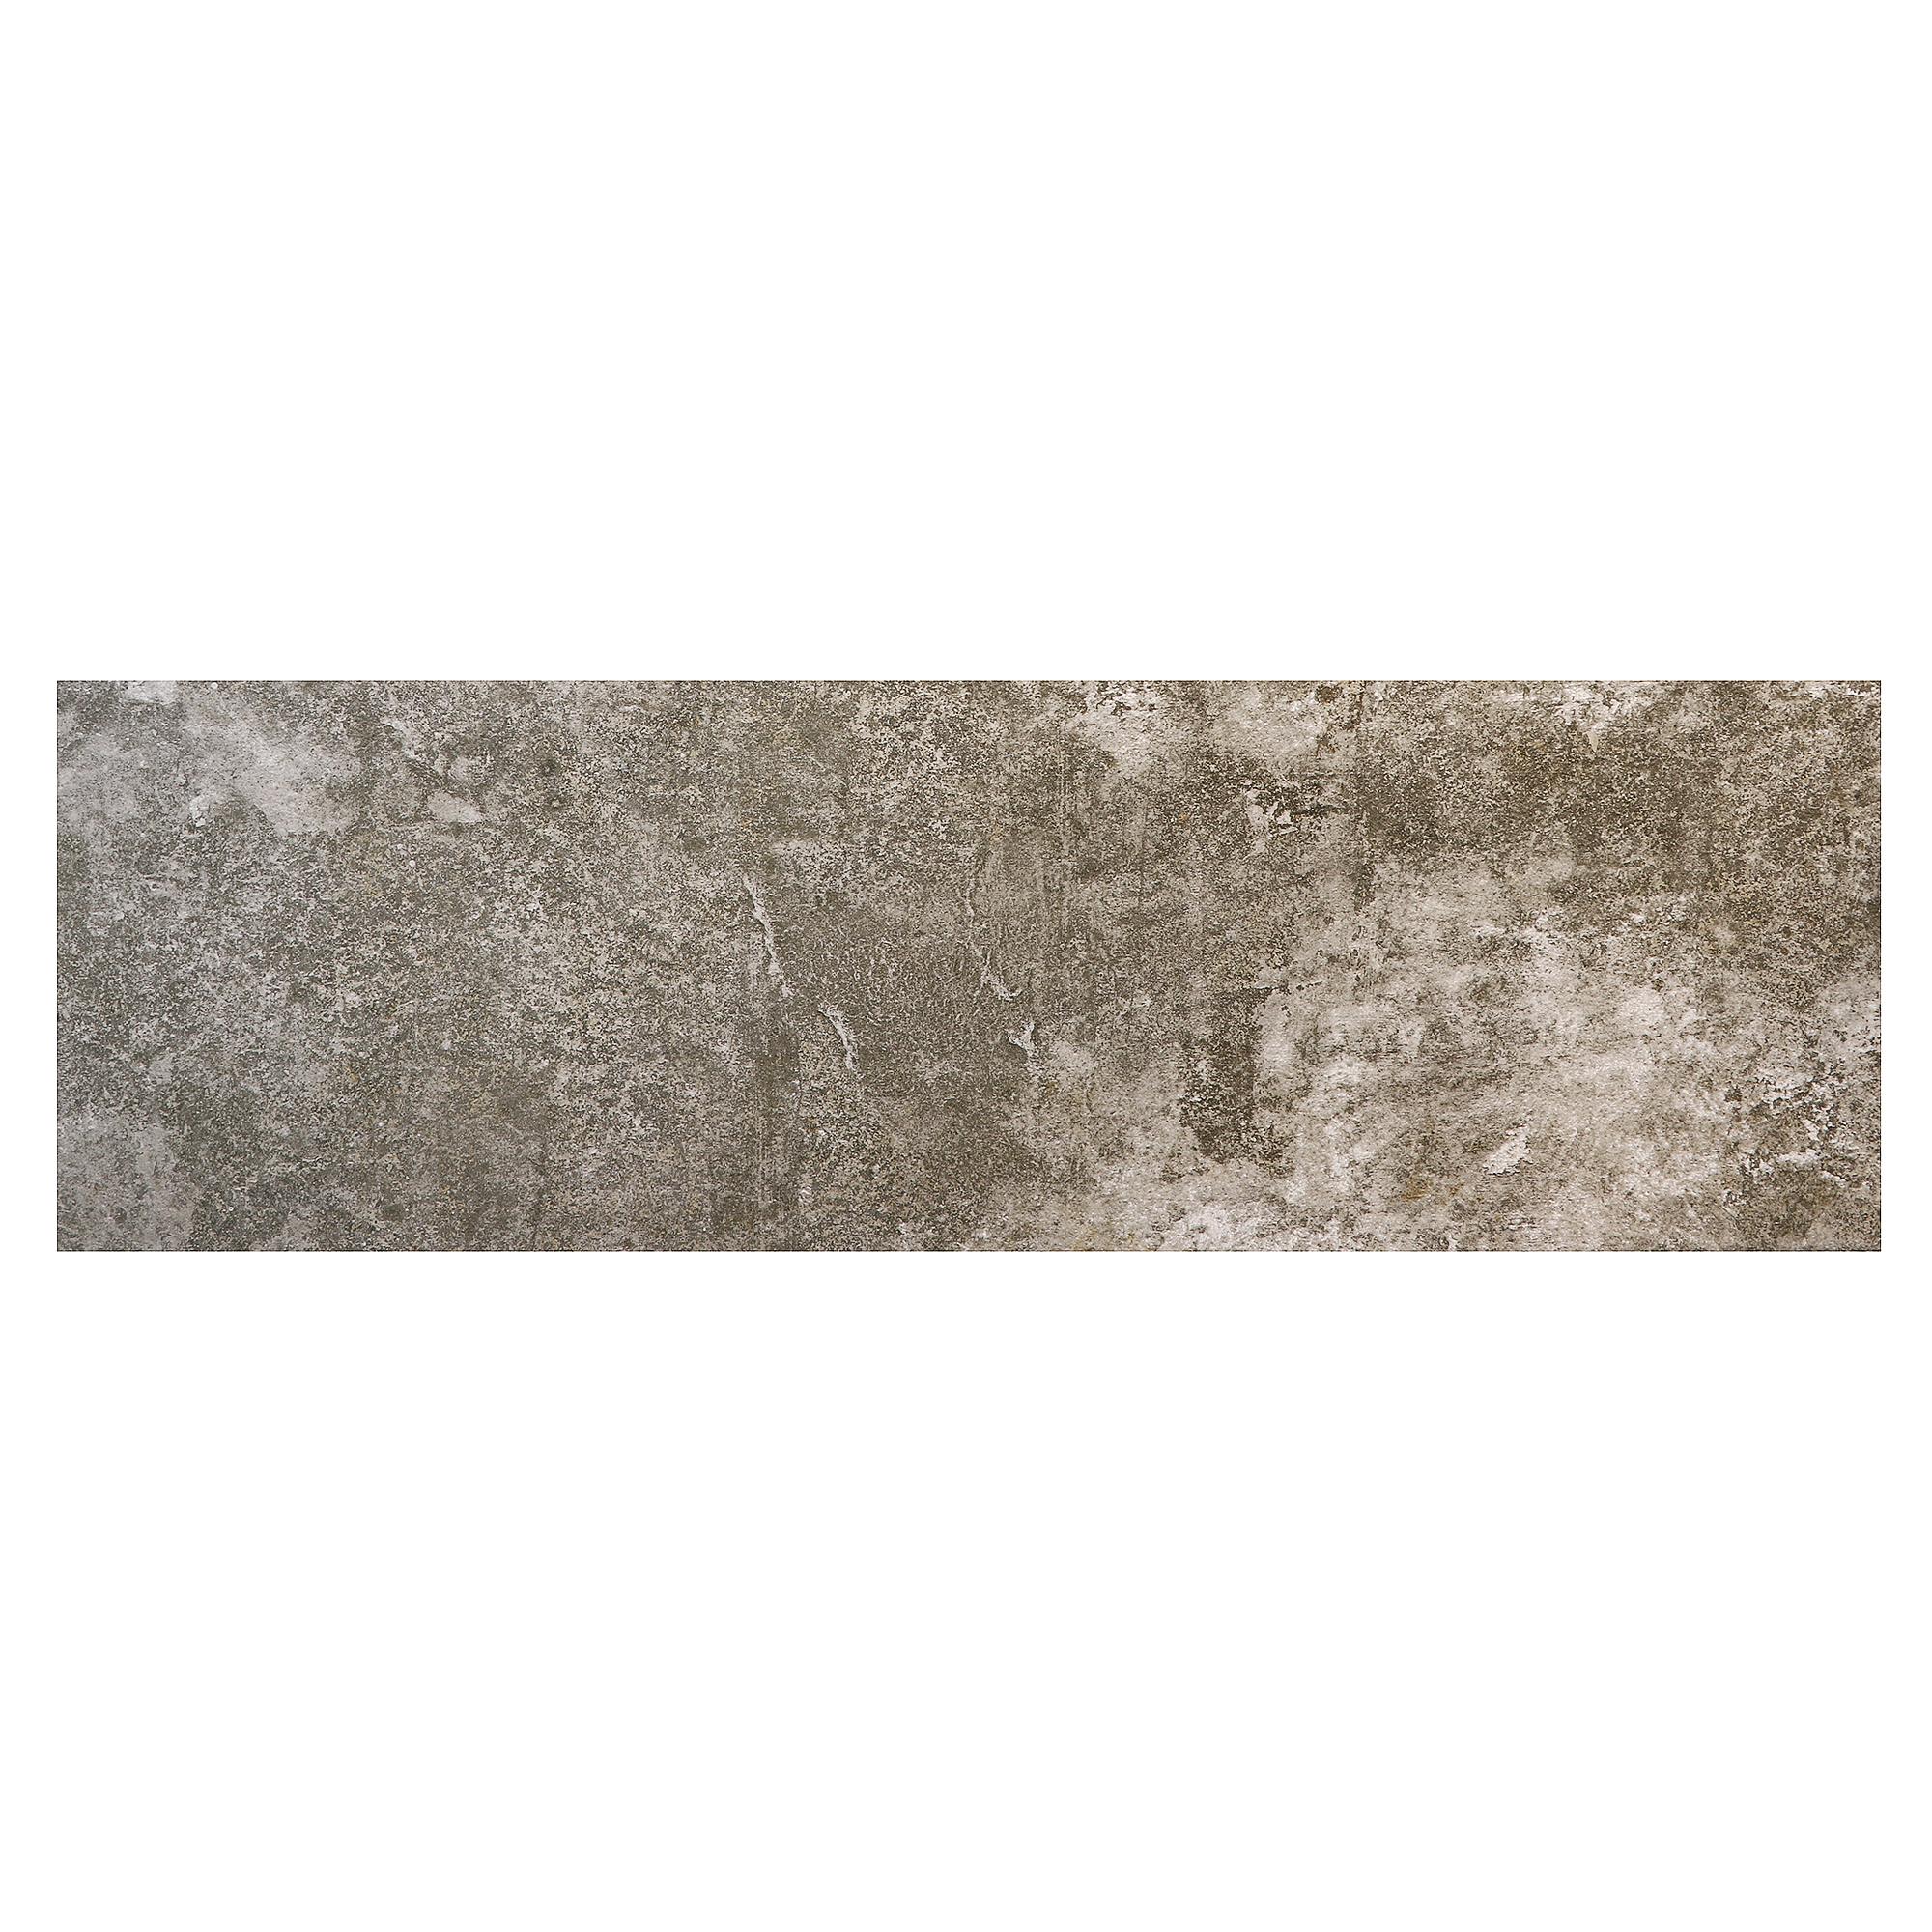 Фото - Плитка настенная Cristacer muse gris 25x75 плитка напольная cristacer avenue grey gr 59 2х59 2